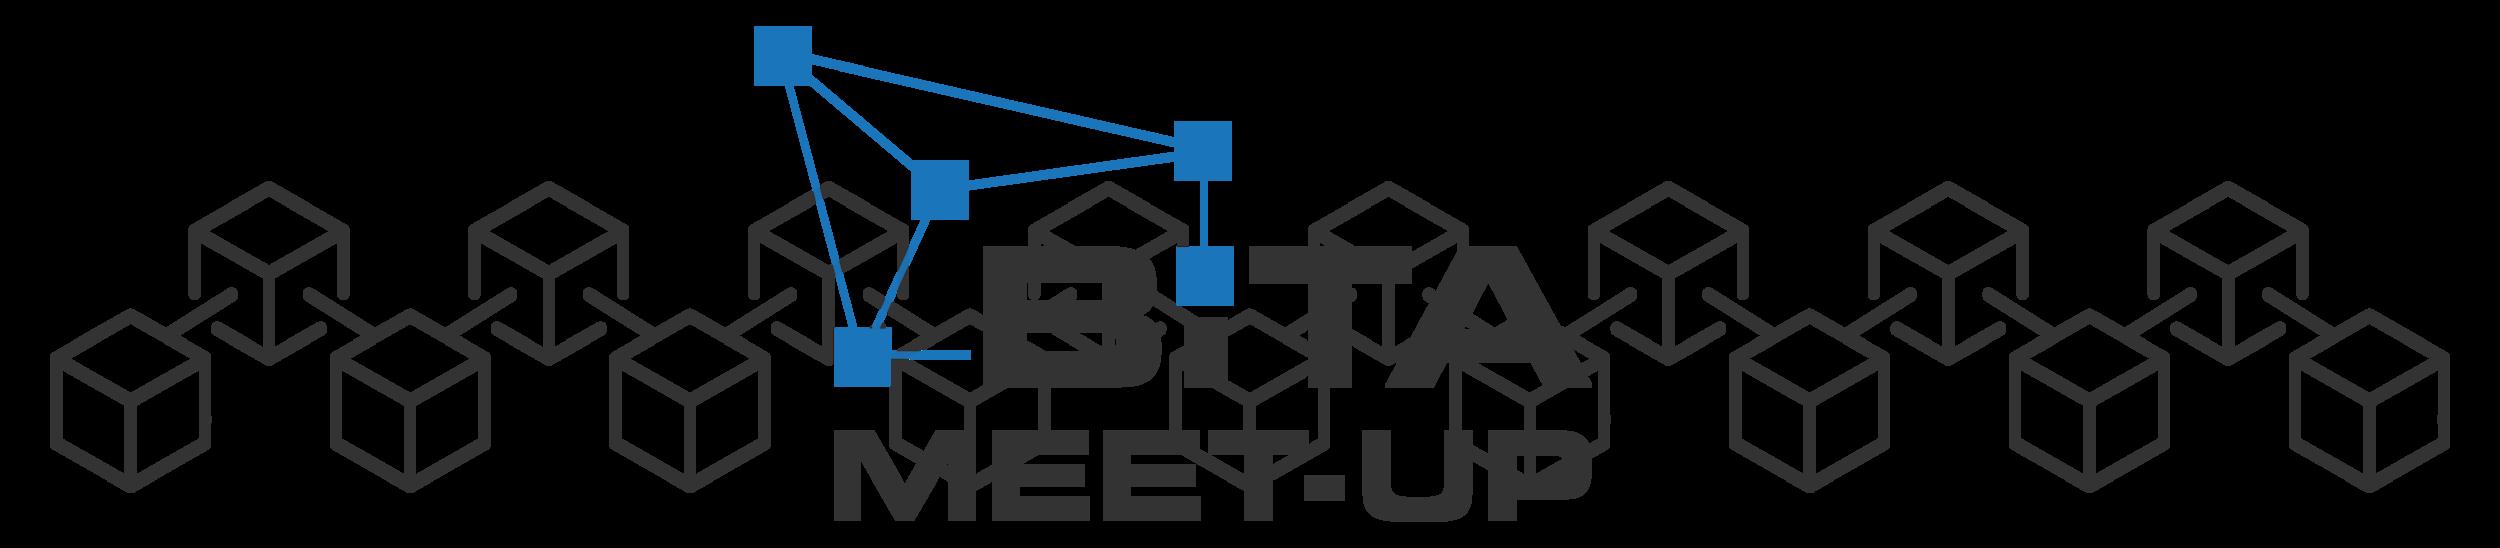 BiTA_Meetup_Banner.png